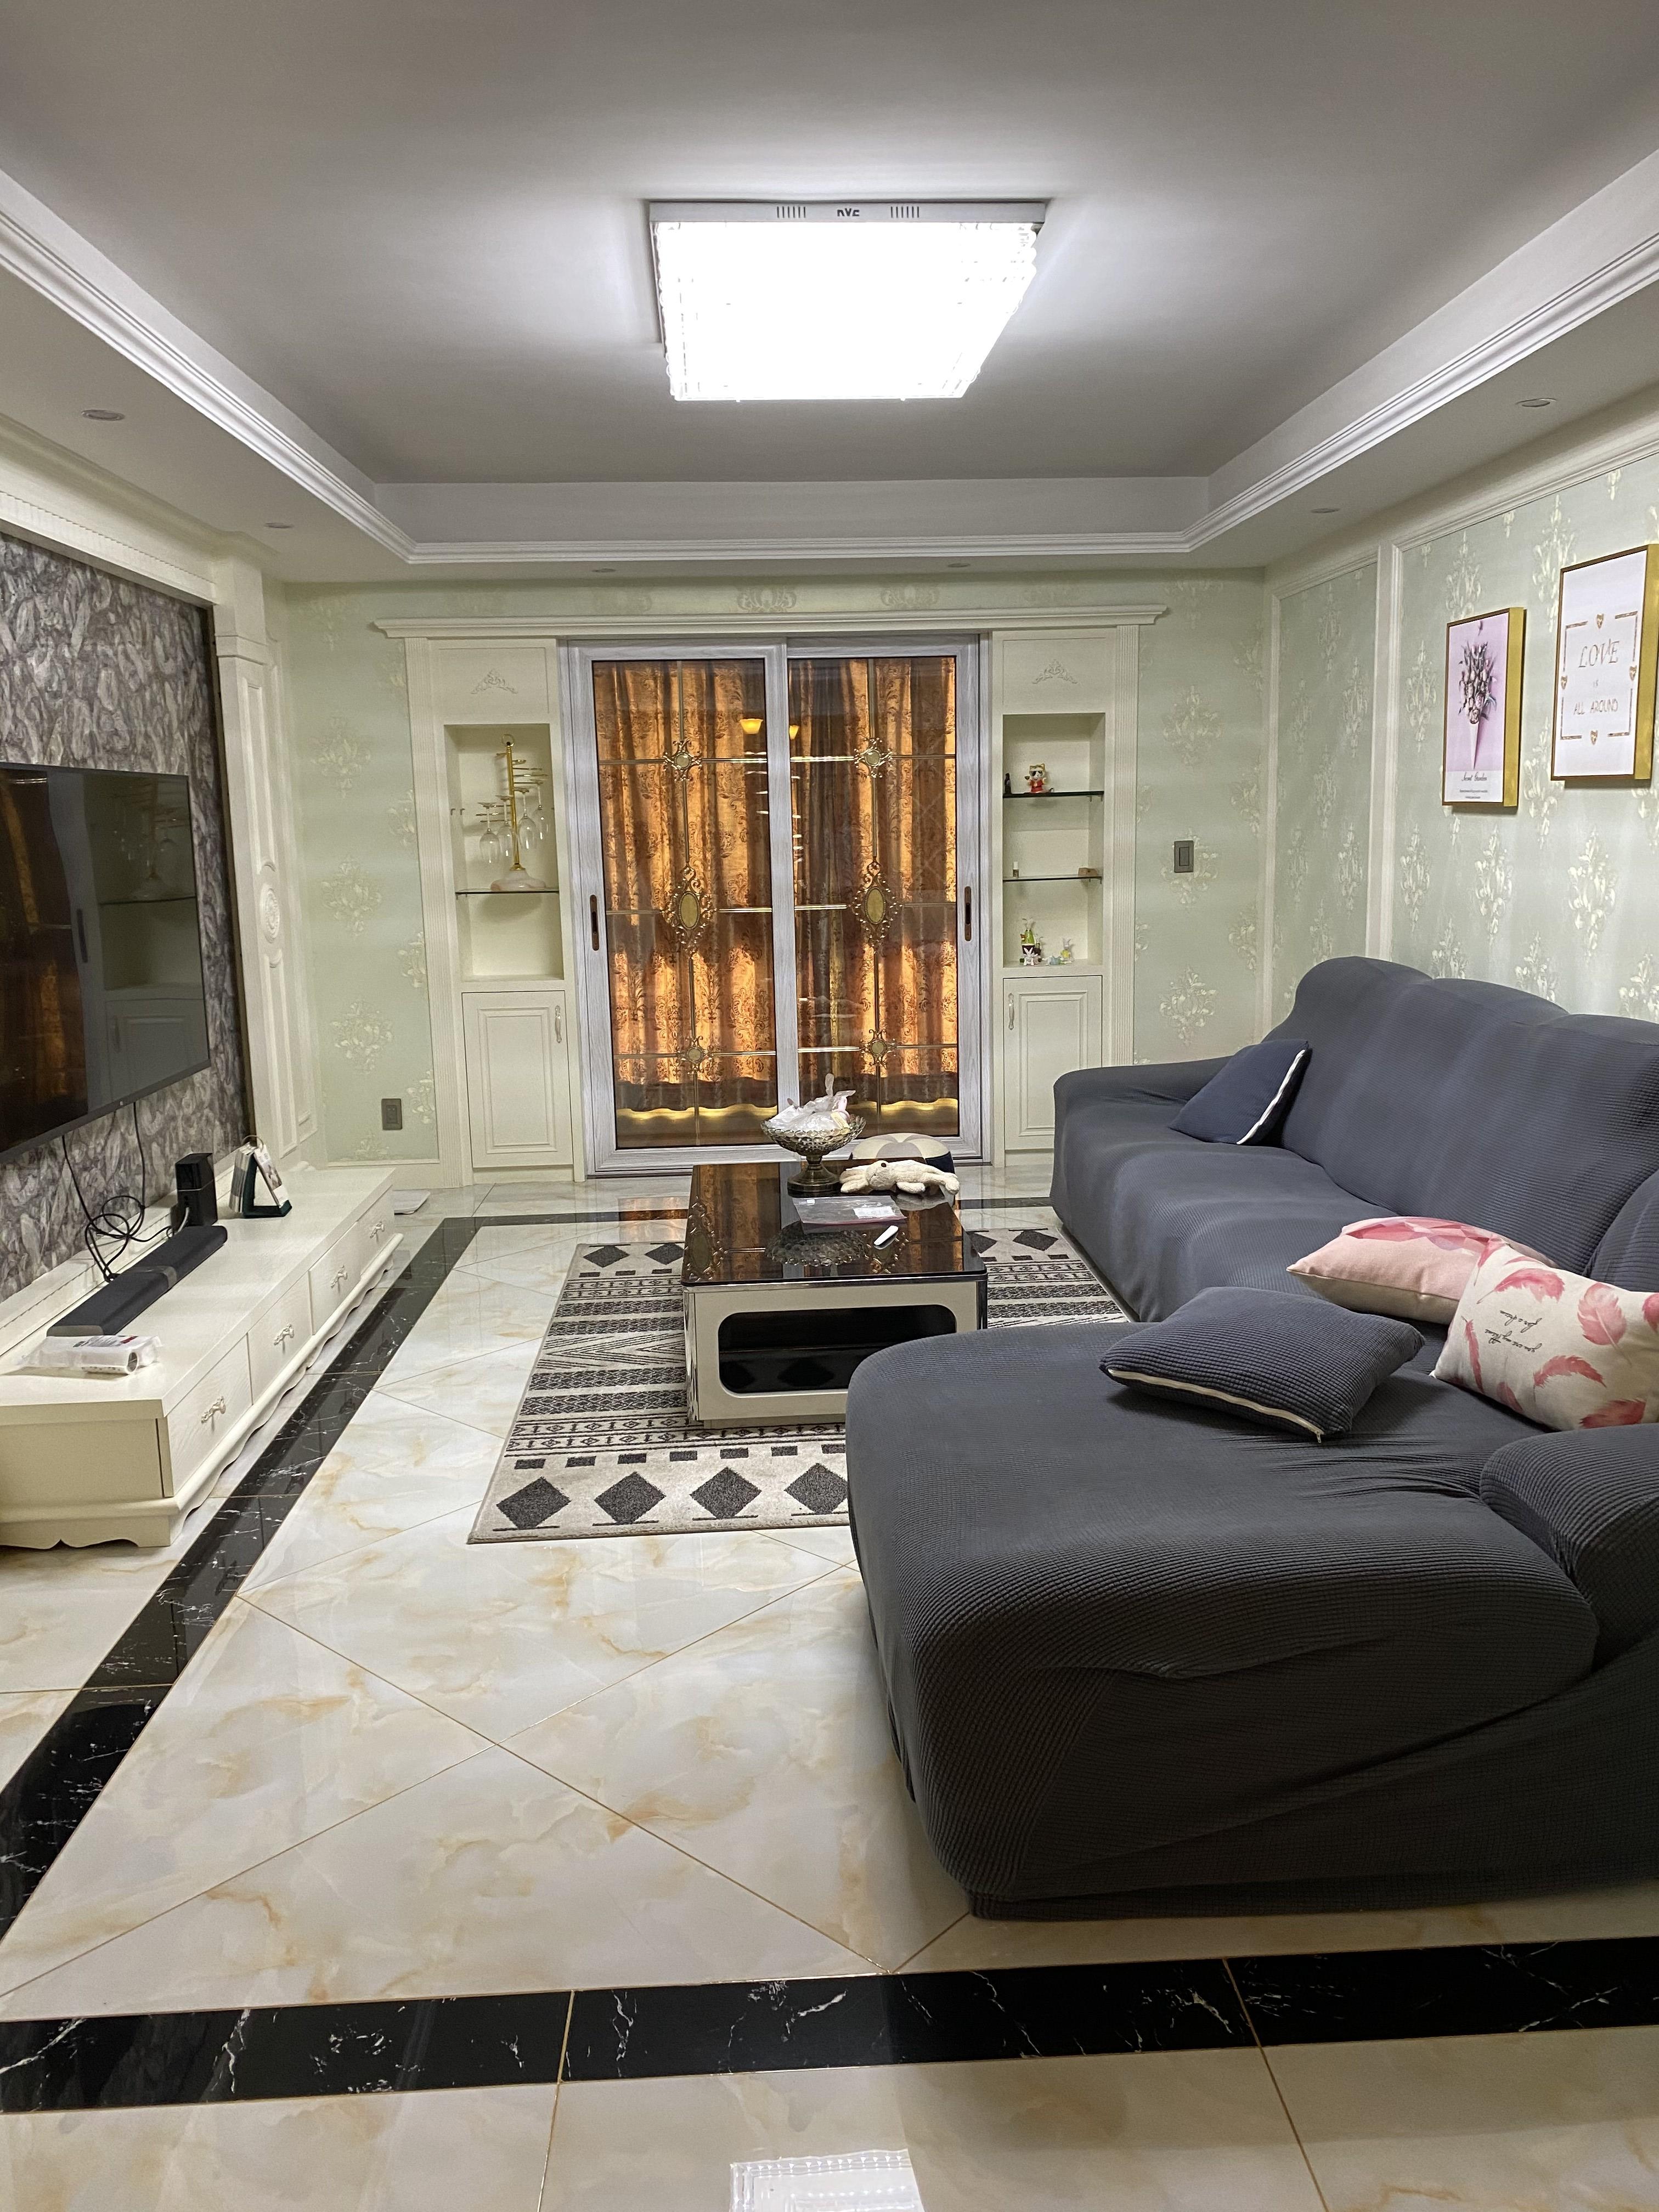 临浦香格名苑115方,豪华装修只卖220万,黄金楼层,无增值税,临浦镇小、镇中学区房